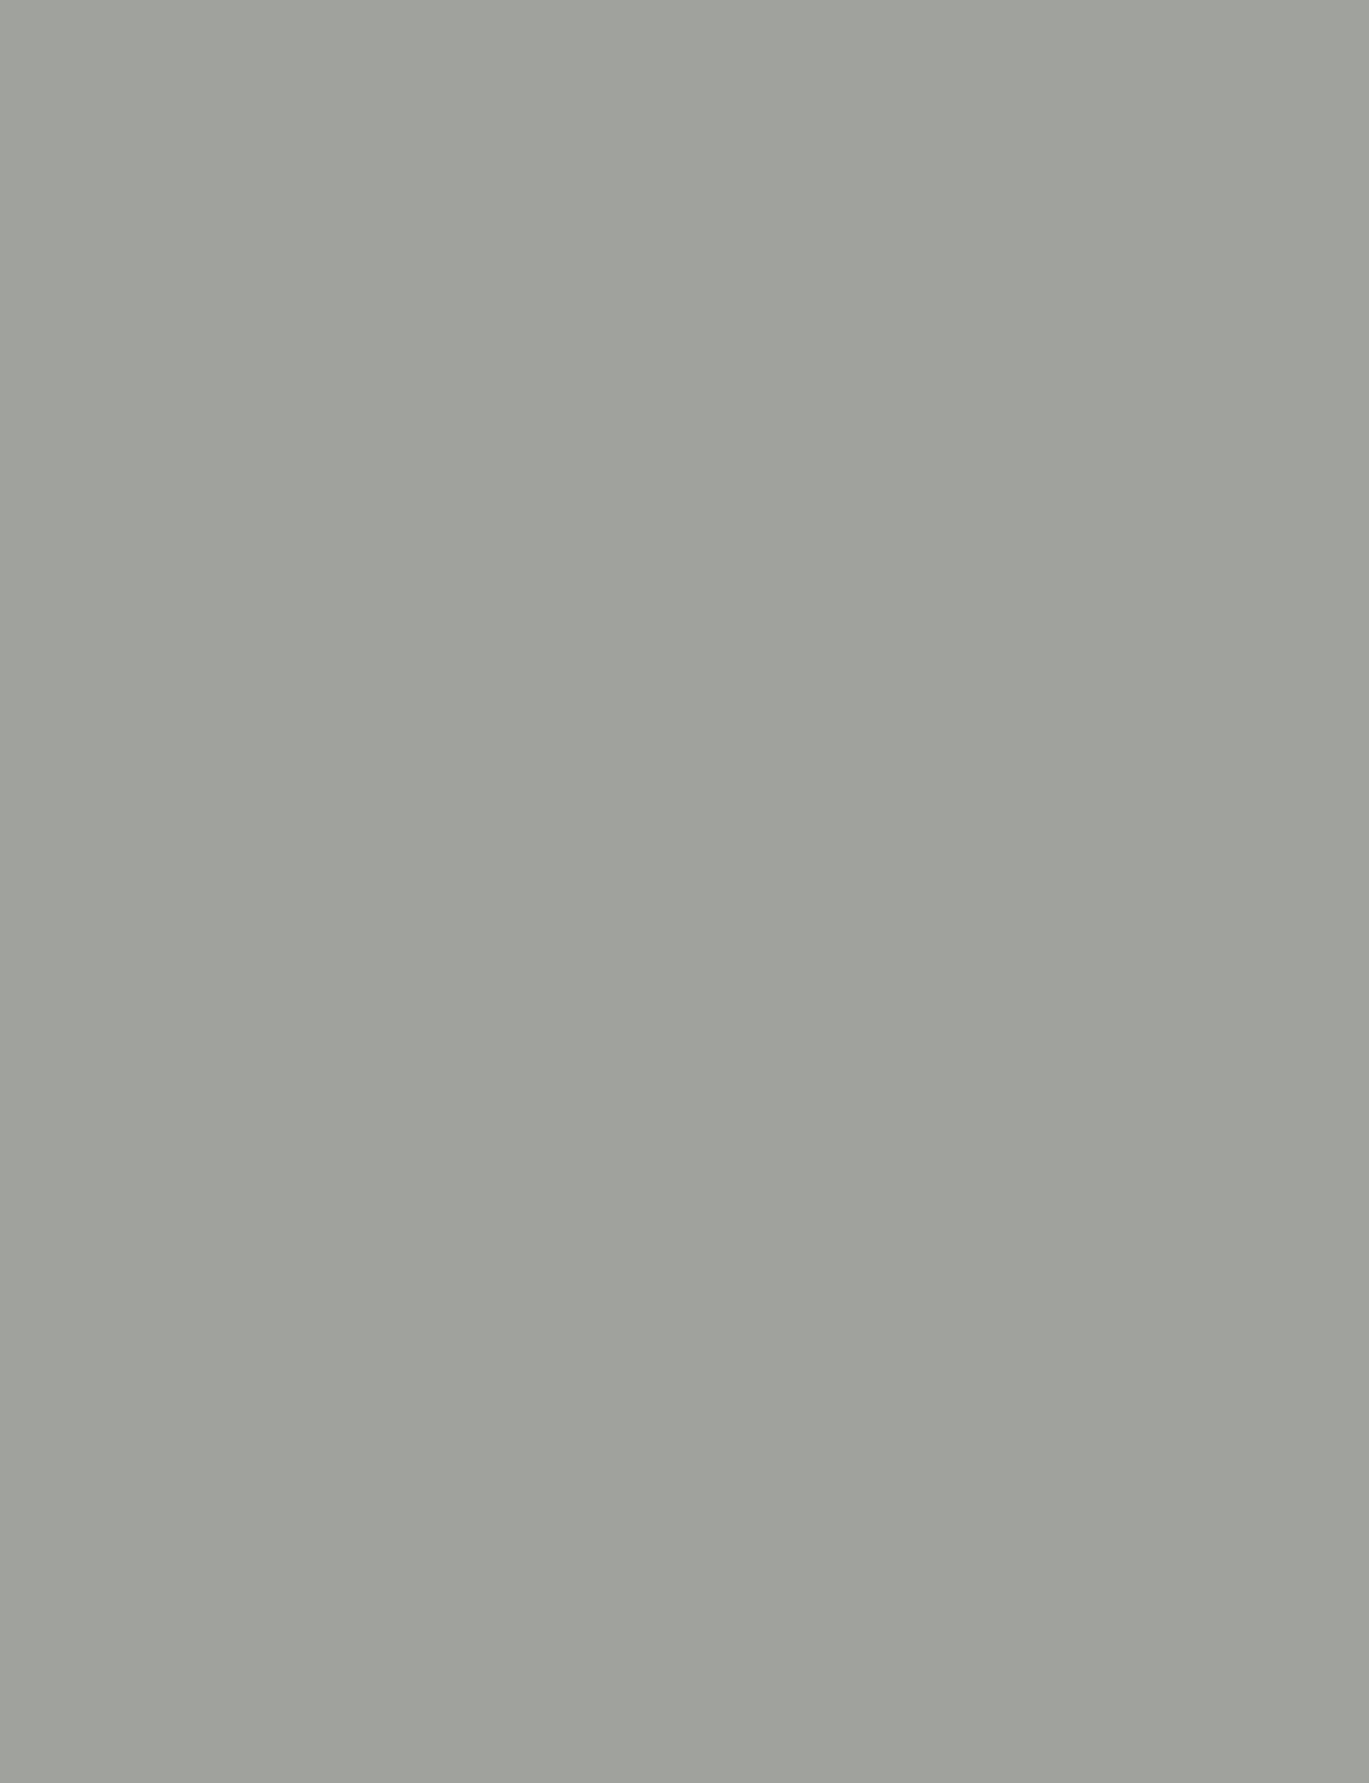 Павел Третьяков. Искусство принадлежит народу. Галерея 5. Картина за картиной